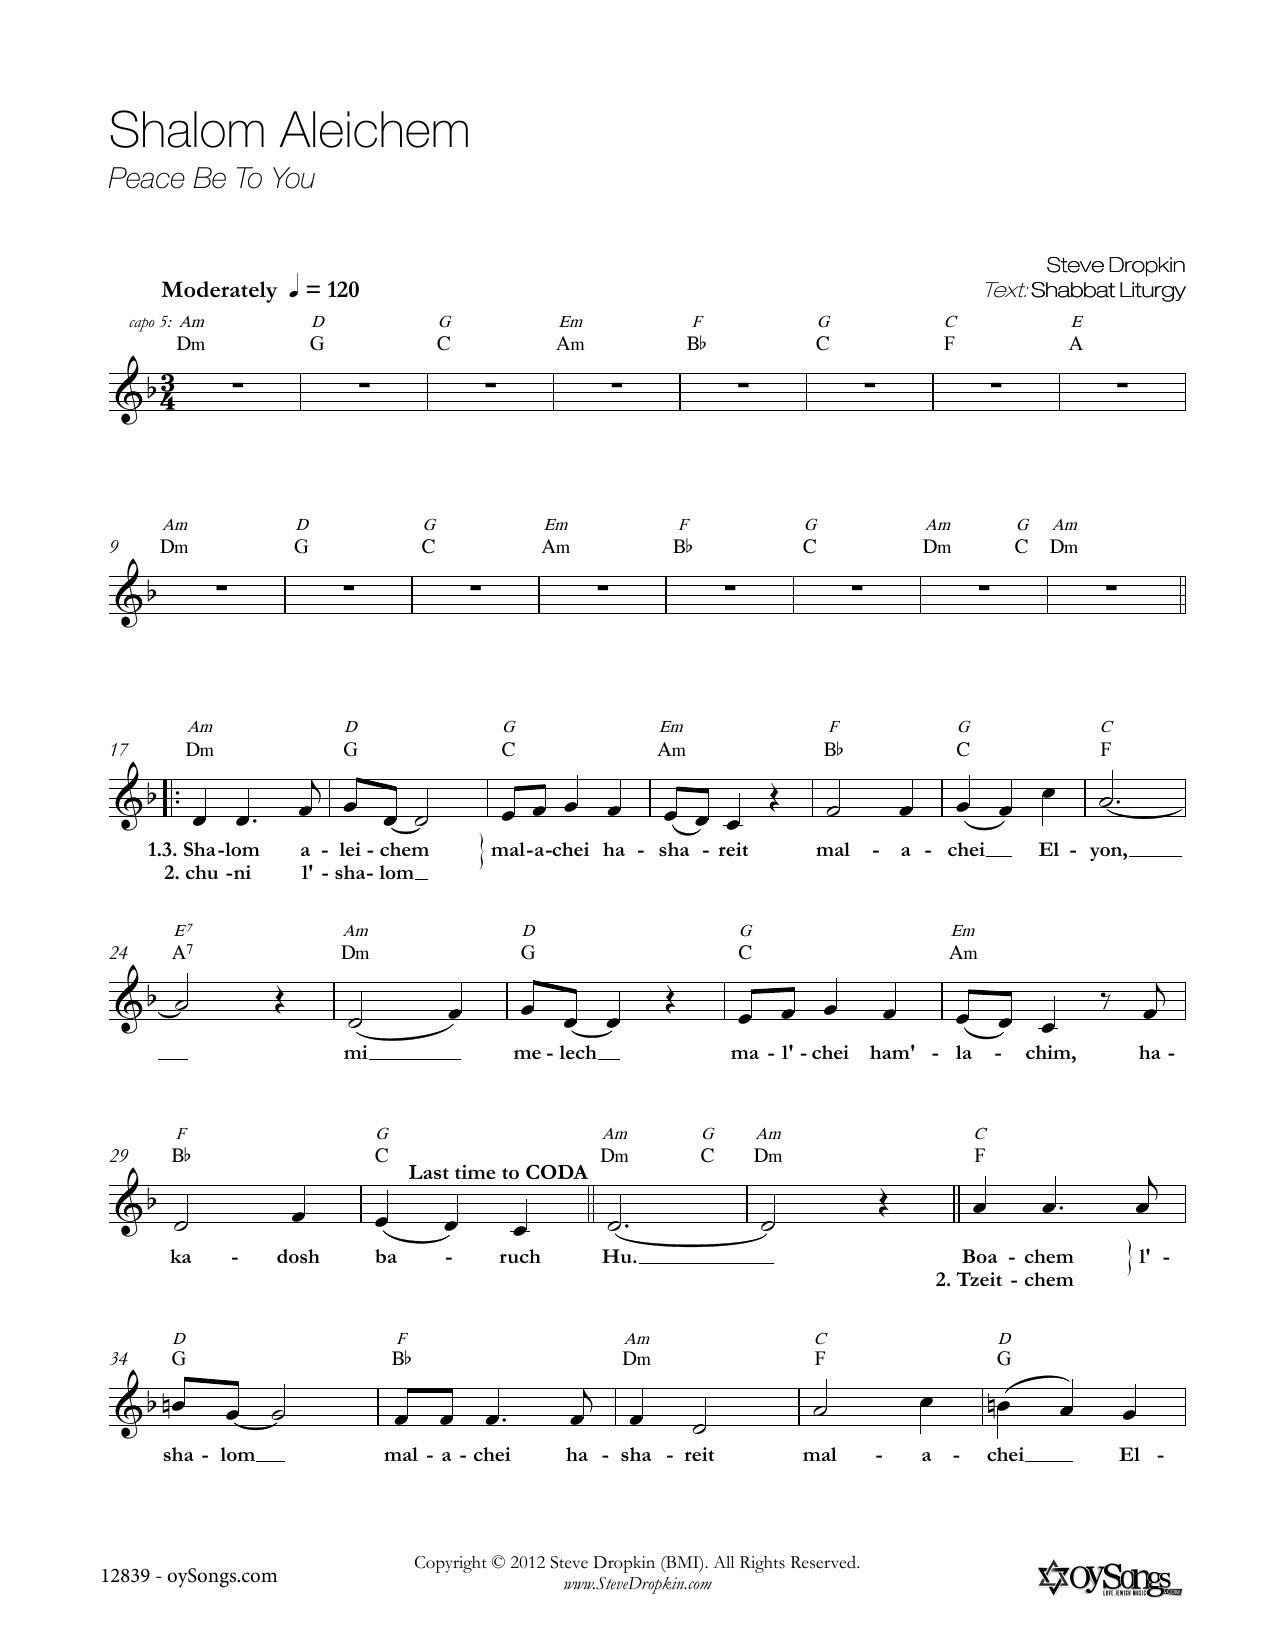 Shalom Aleichem Sheet Music